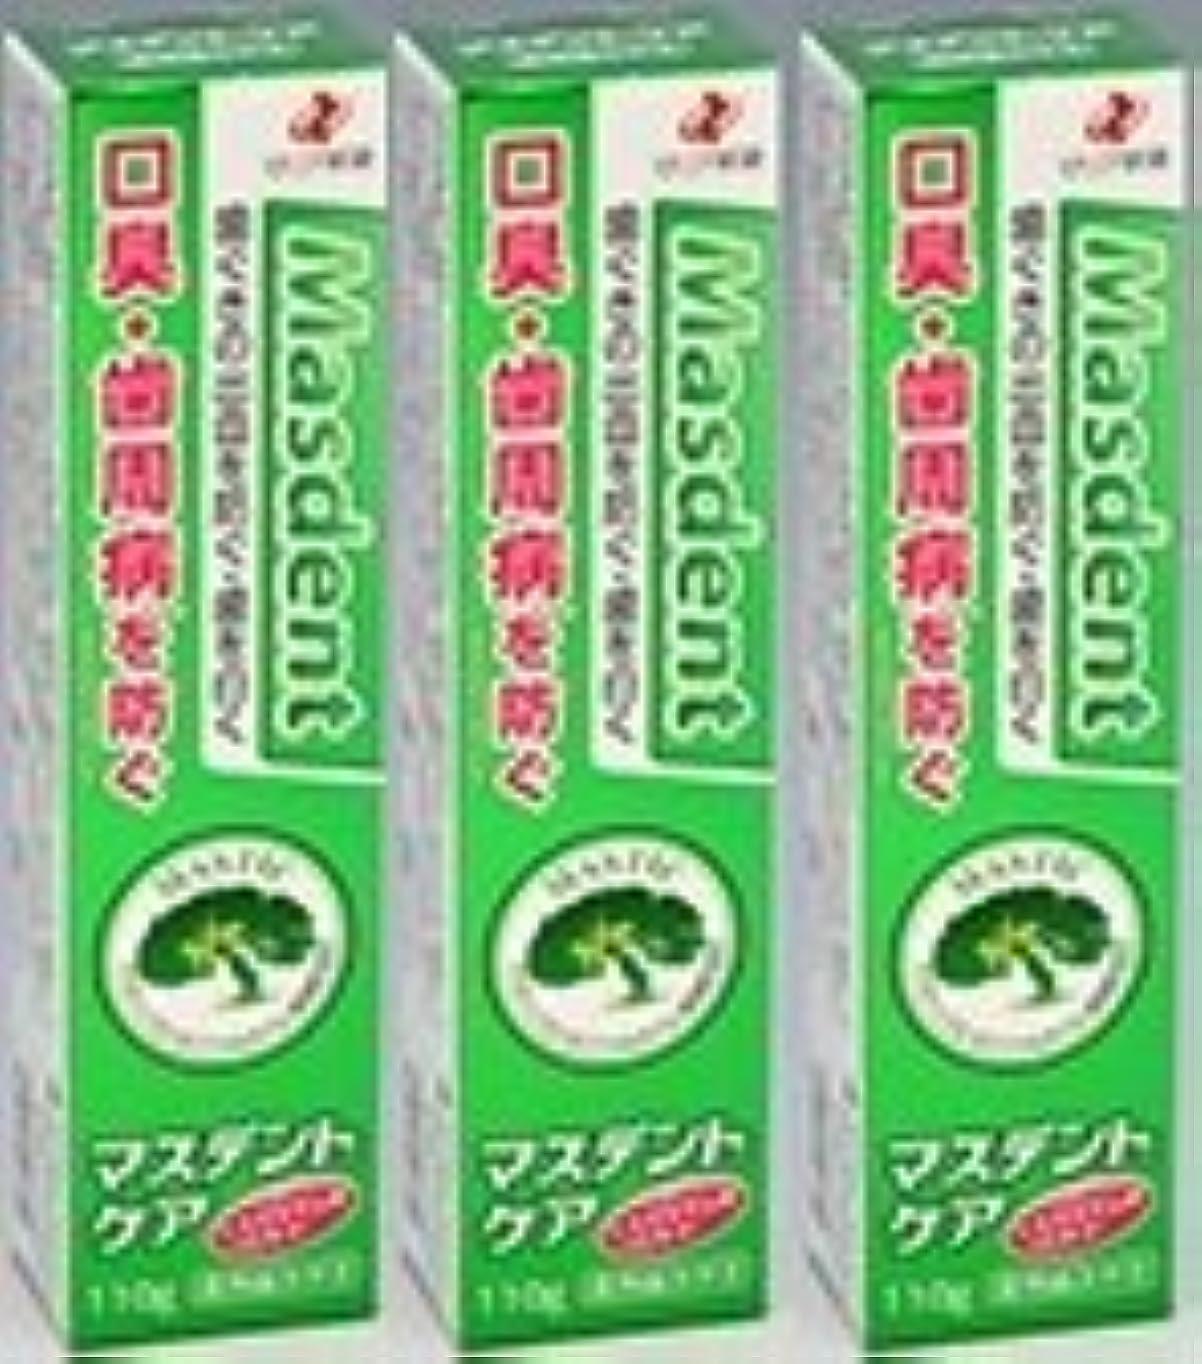 パシフィック十分に乱暴な薬用歯磨き マスデントケア110g×3本セット